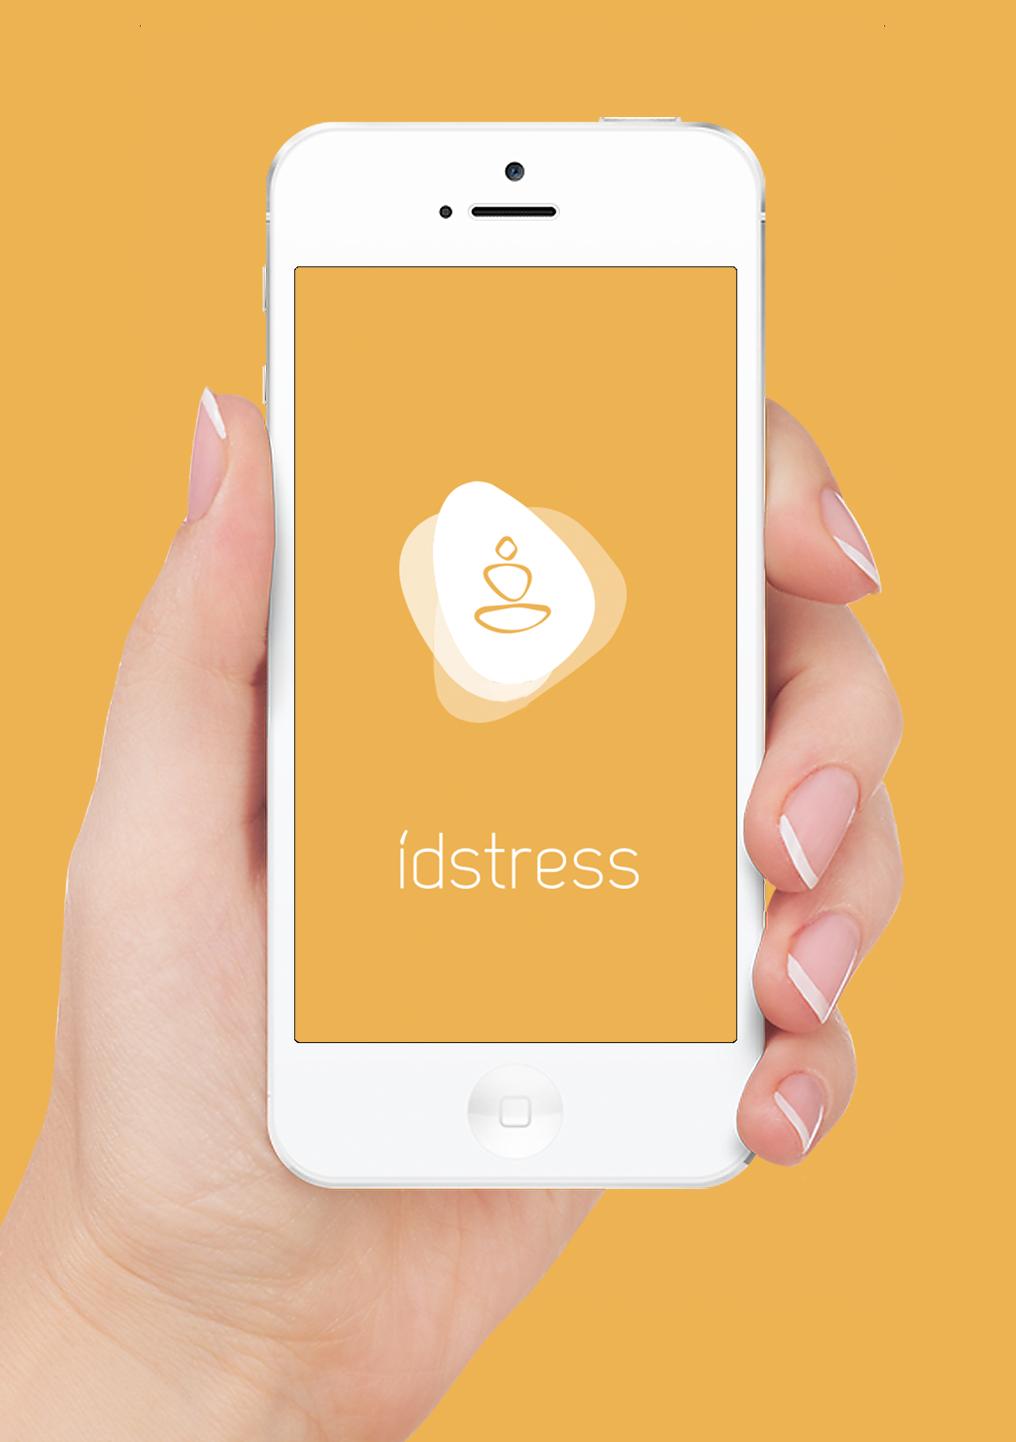 Réduire stress et angoisse avec idstress App